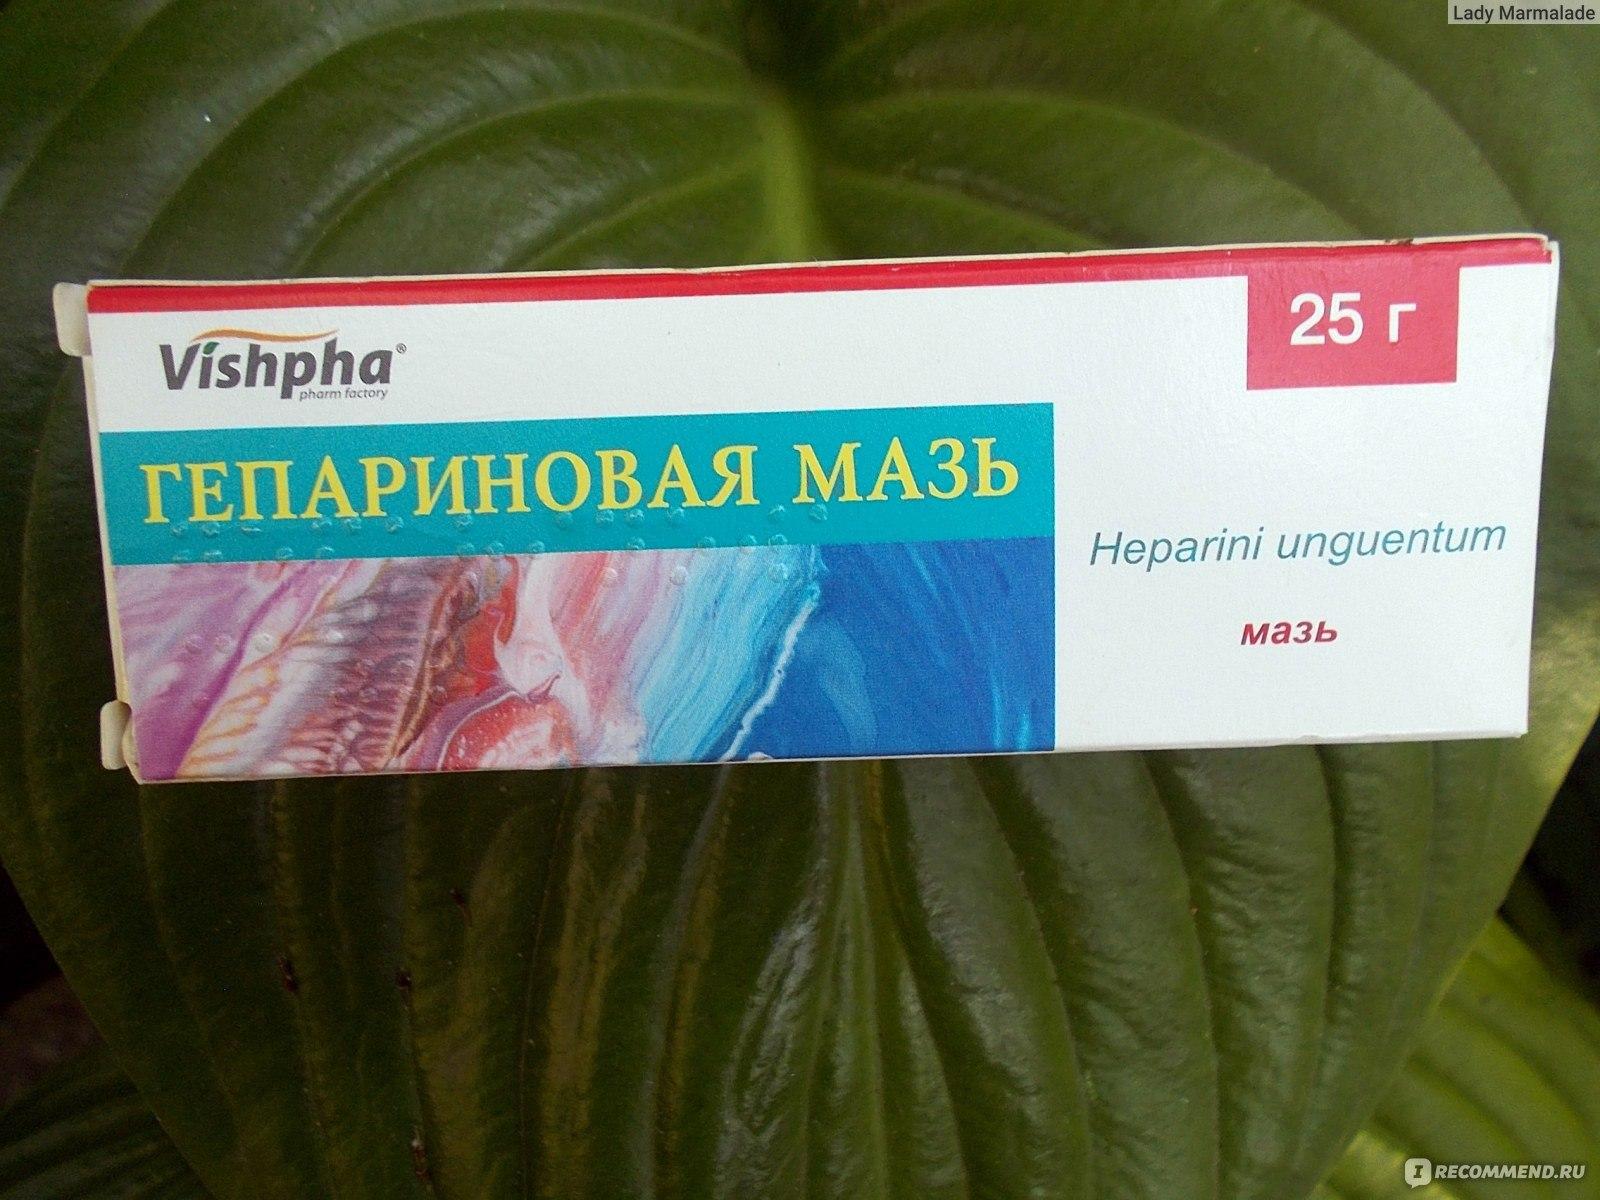 Гепариновая мазь для лечения тромбофлебитов, геморроя, синяков